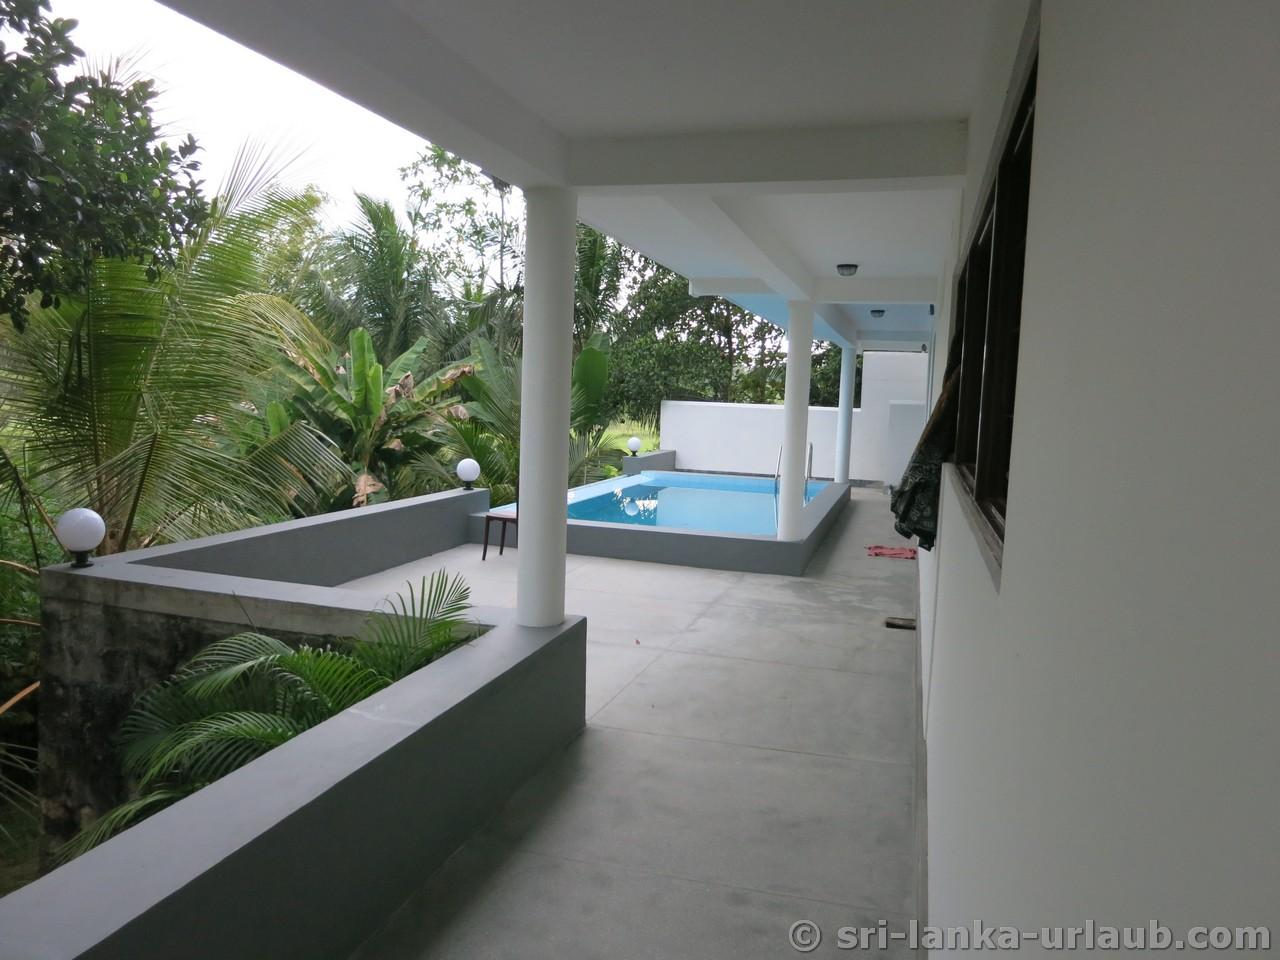 haus srilanka 17 sri lanka urlaub. Black Bedroom Furniture Sets. Home Design Ideas